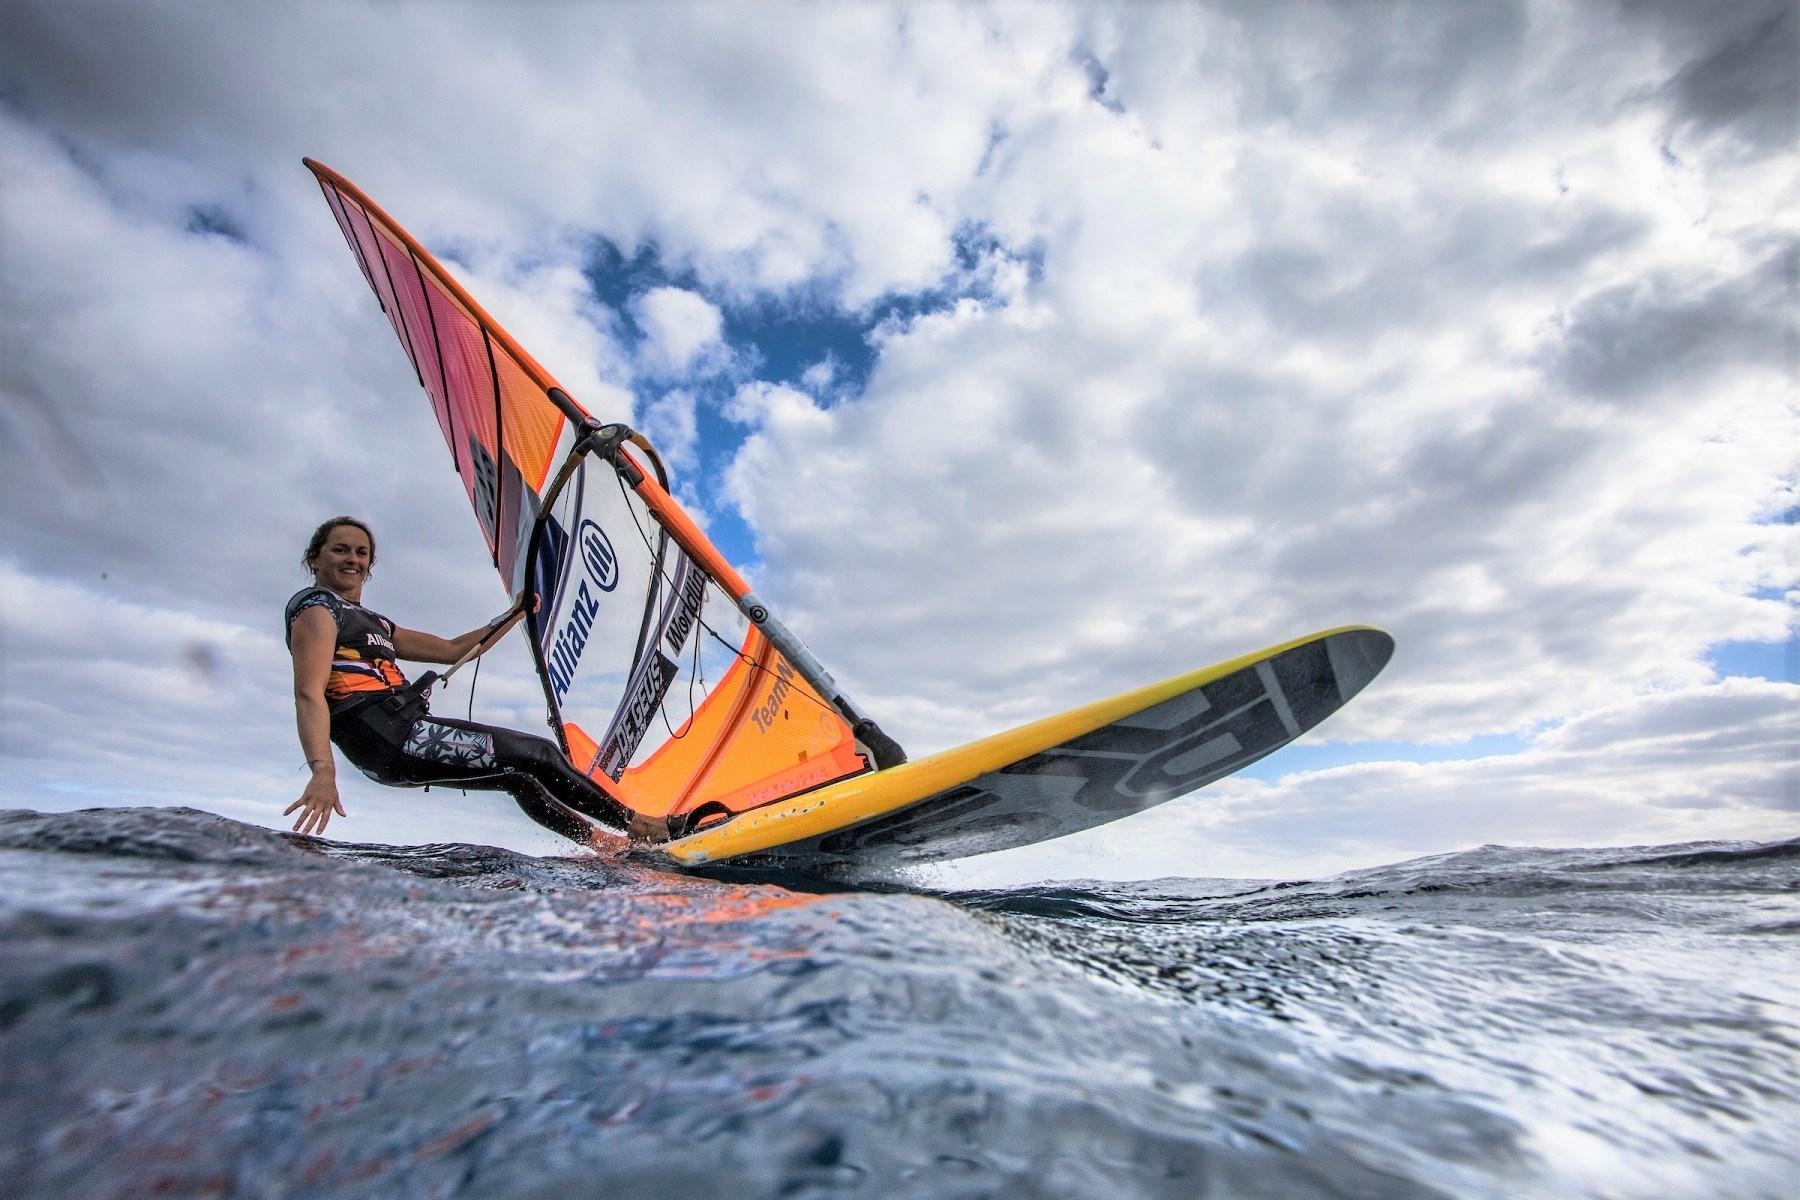 EK voor windsurfers belangrijke graadmeter op weg naar Tokio